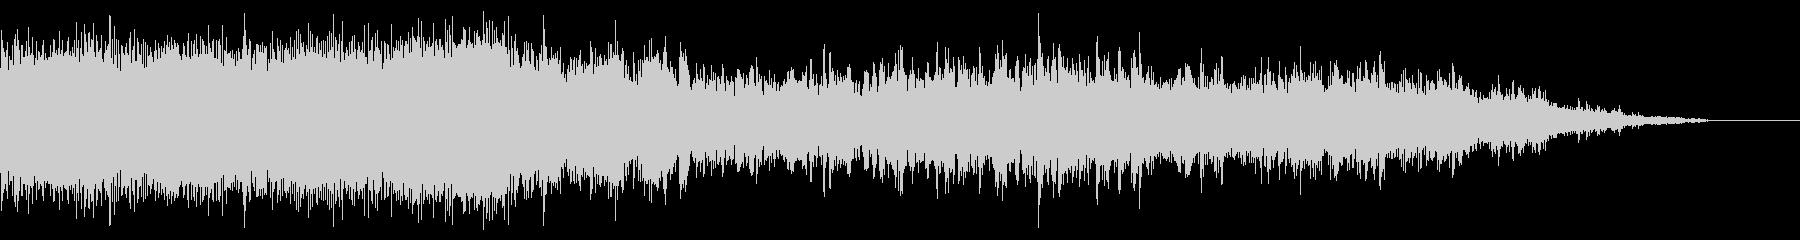 ブオーン!キイキイ…チンチン電車の一コマの未再生の波形